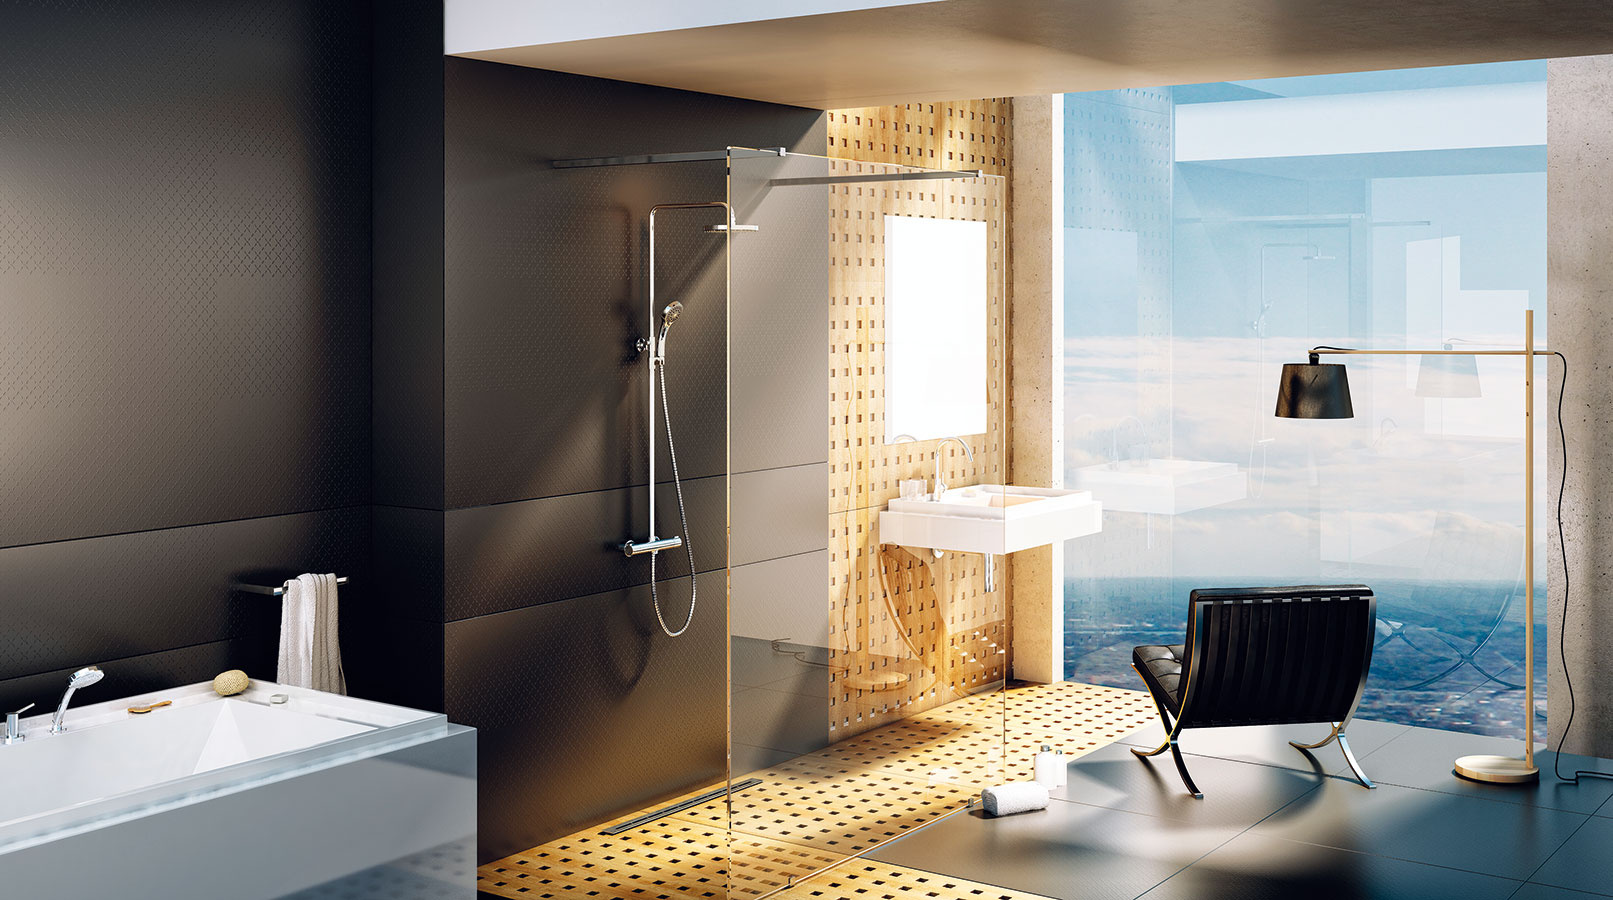 Veľmi elegantným čistým riešením sú sprchovacie kúty Walk-In, ktoré môžete prispôsobiť rozmerom každej kúpeľne. Vponuke značky RAVAK nájdete niekoľko na mieru vyrábaných typov. Sú z8 mm hrubého bezpečnostného skla, ošetreného ochrannou vrstvou proti usadeninám RAVAK AntiCalc, aich stabilitu zaisťujú kovové vzpery. Pri výbere optimálneho riešenia vám pomôže konfigurátor na stránke www.atypy.ravak.sk/#6-Walk-In.